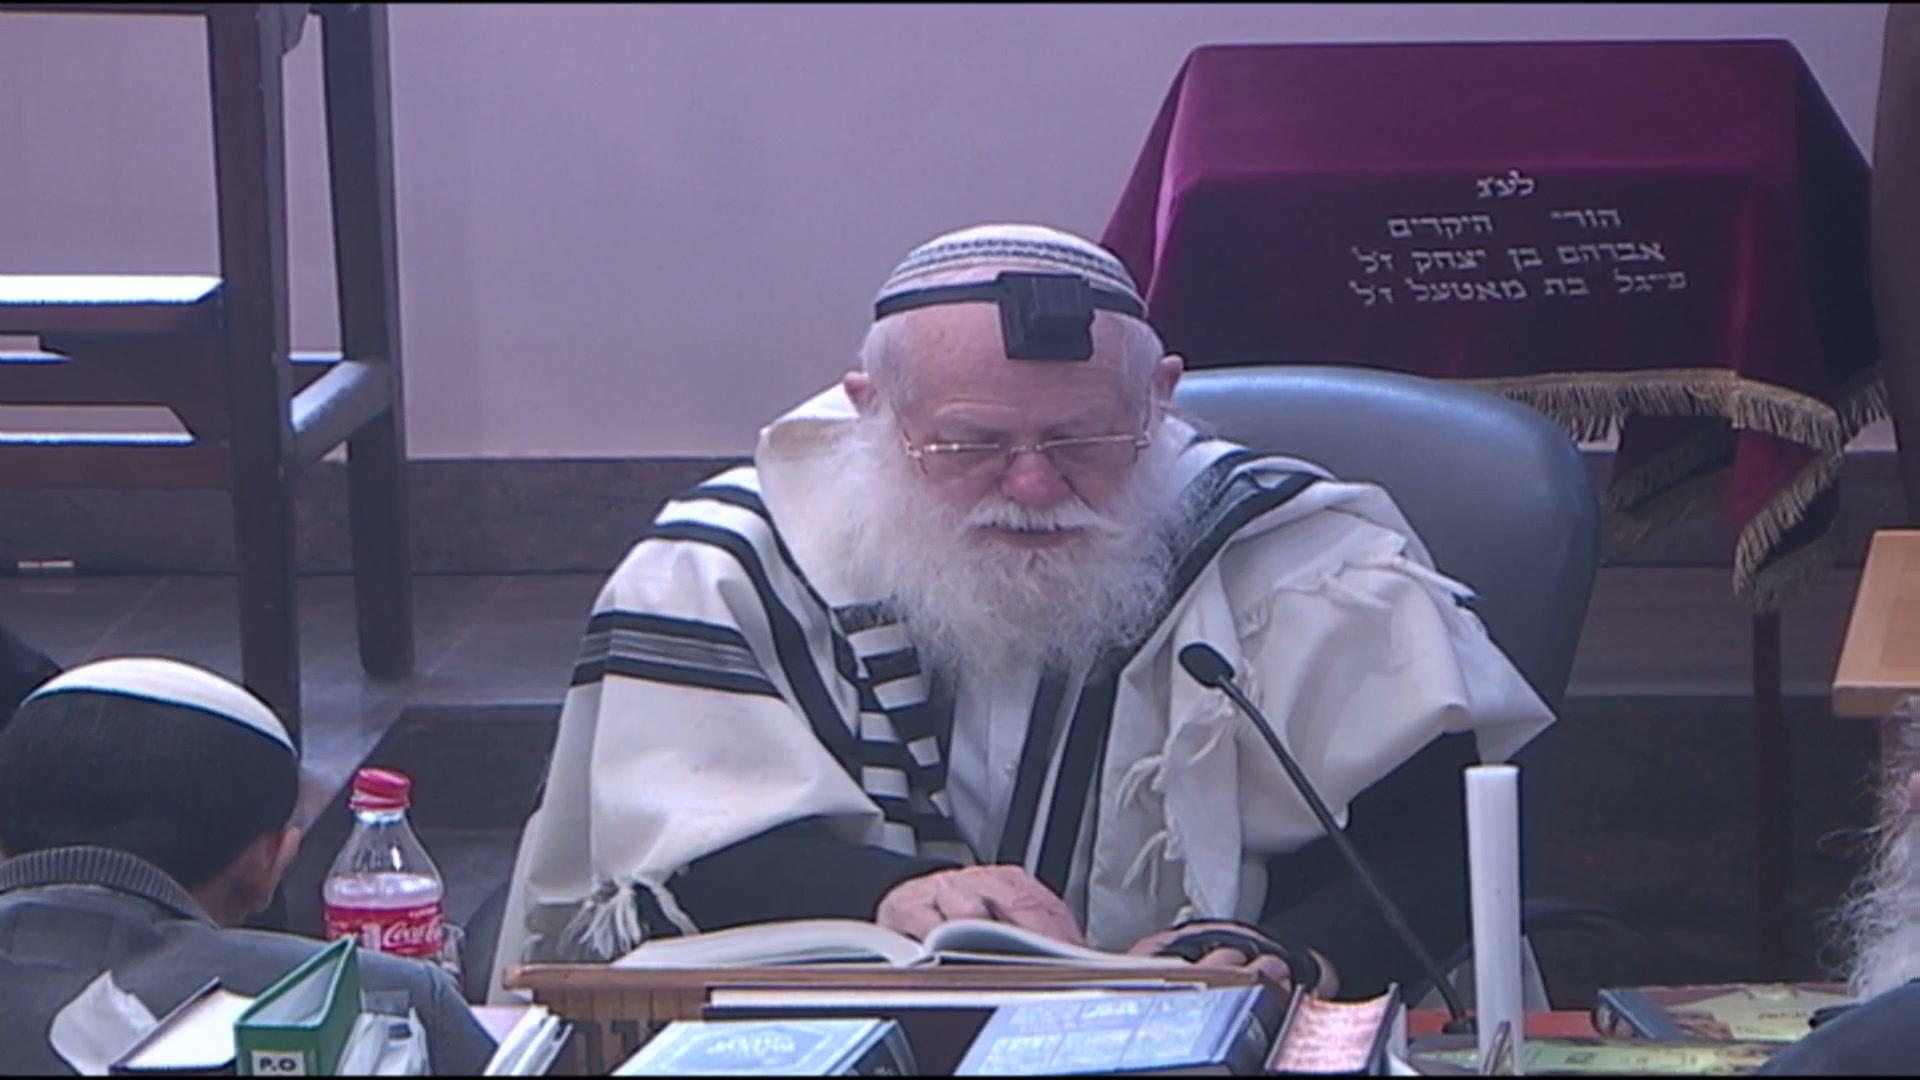 התורה מיוחדת לישראל - חלק ב